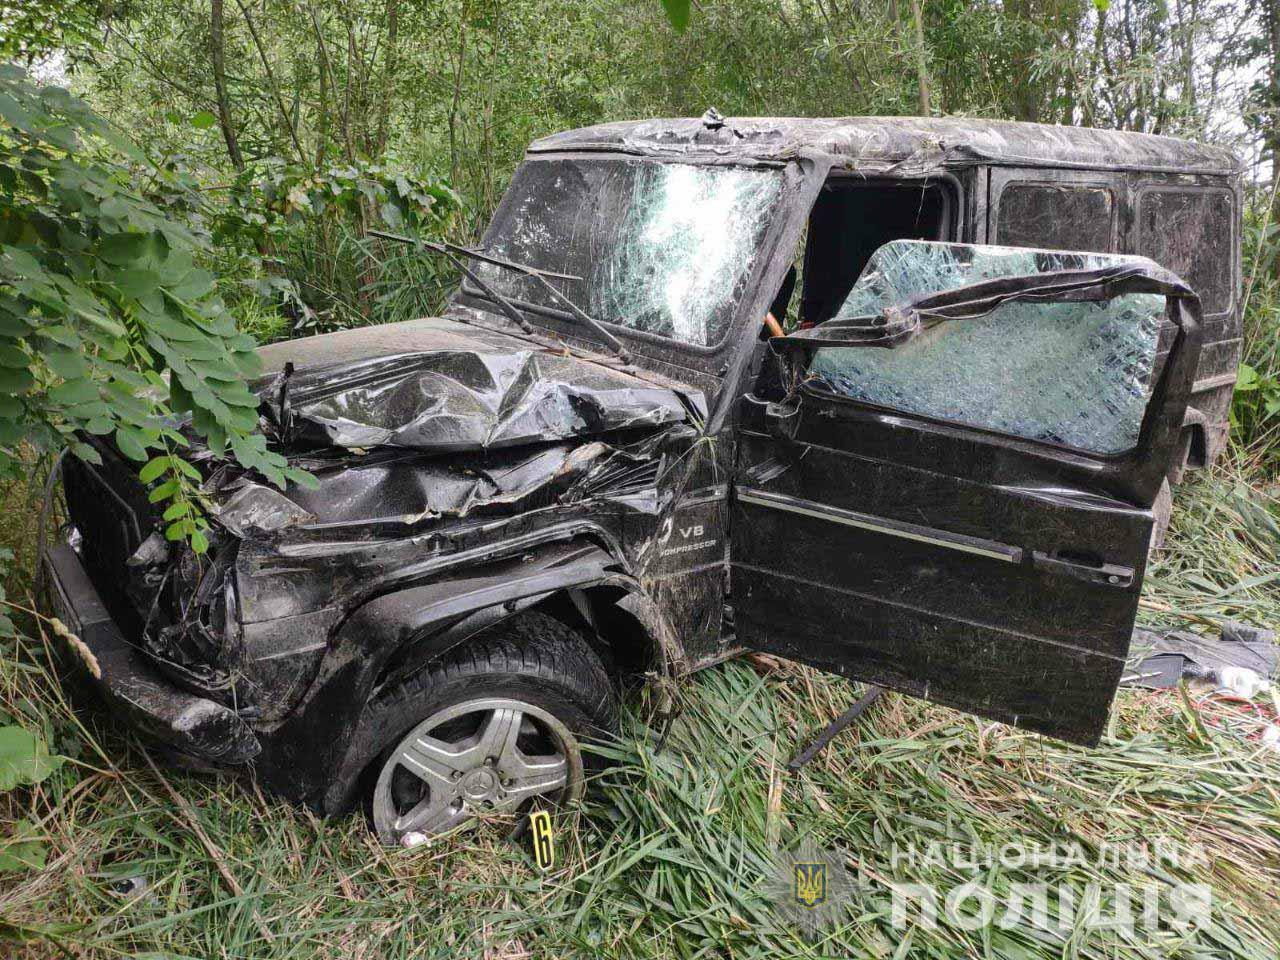 Халаменда потрапив у ДТП на Рівненщині, його госпіталізували (ФОТО)